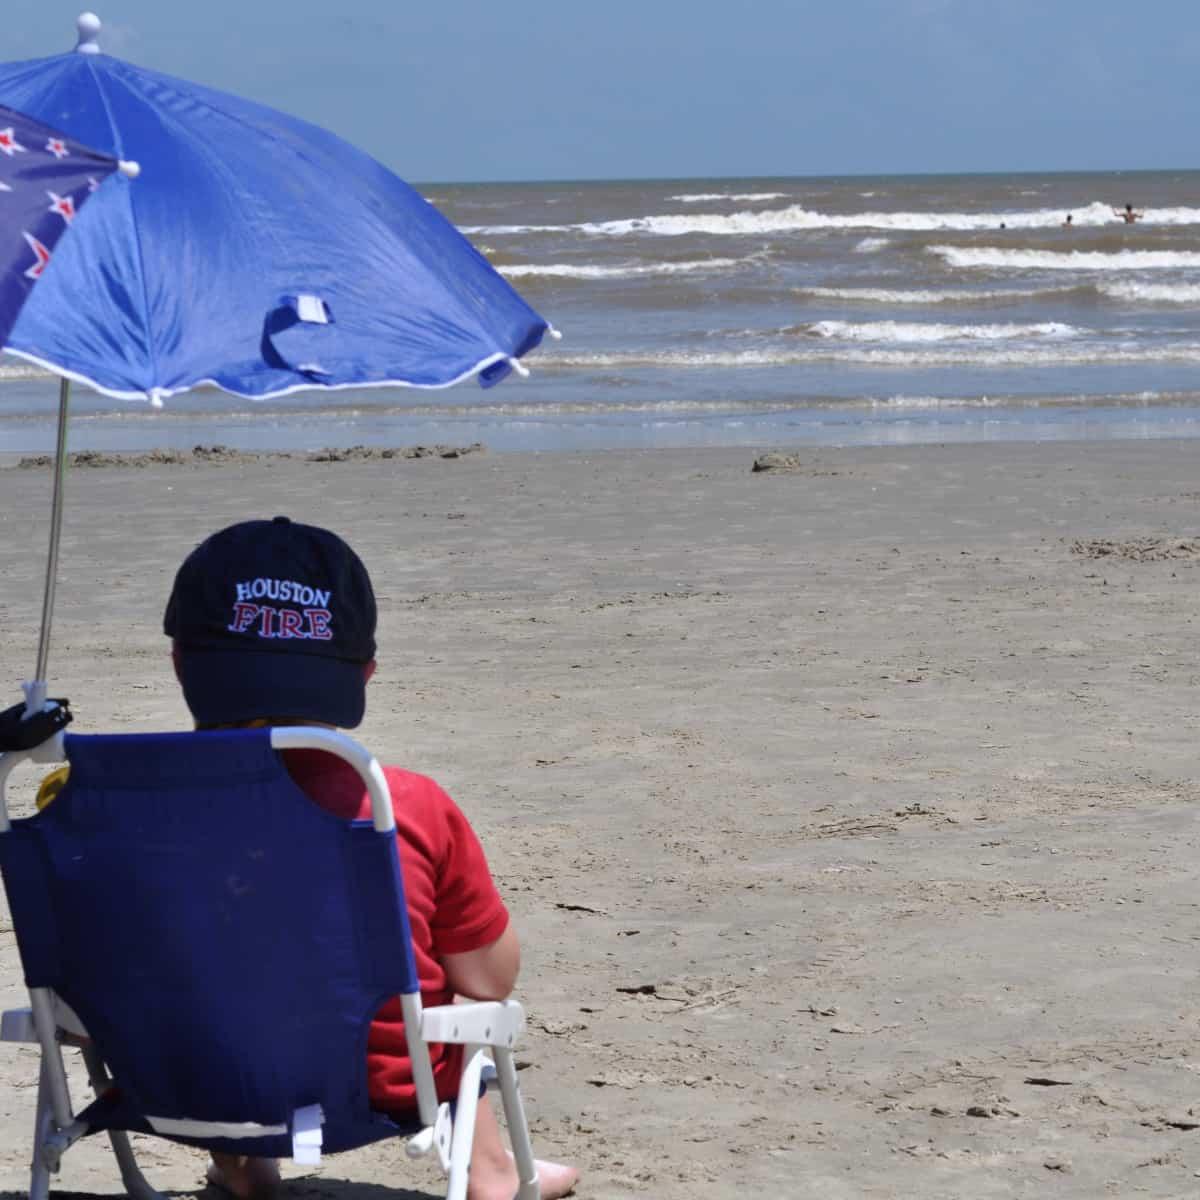 Sitting in Beach Chair at Jamaica Beach